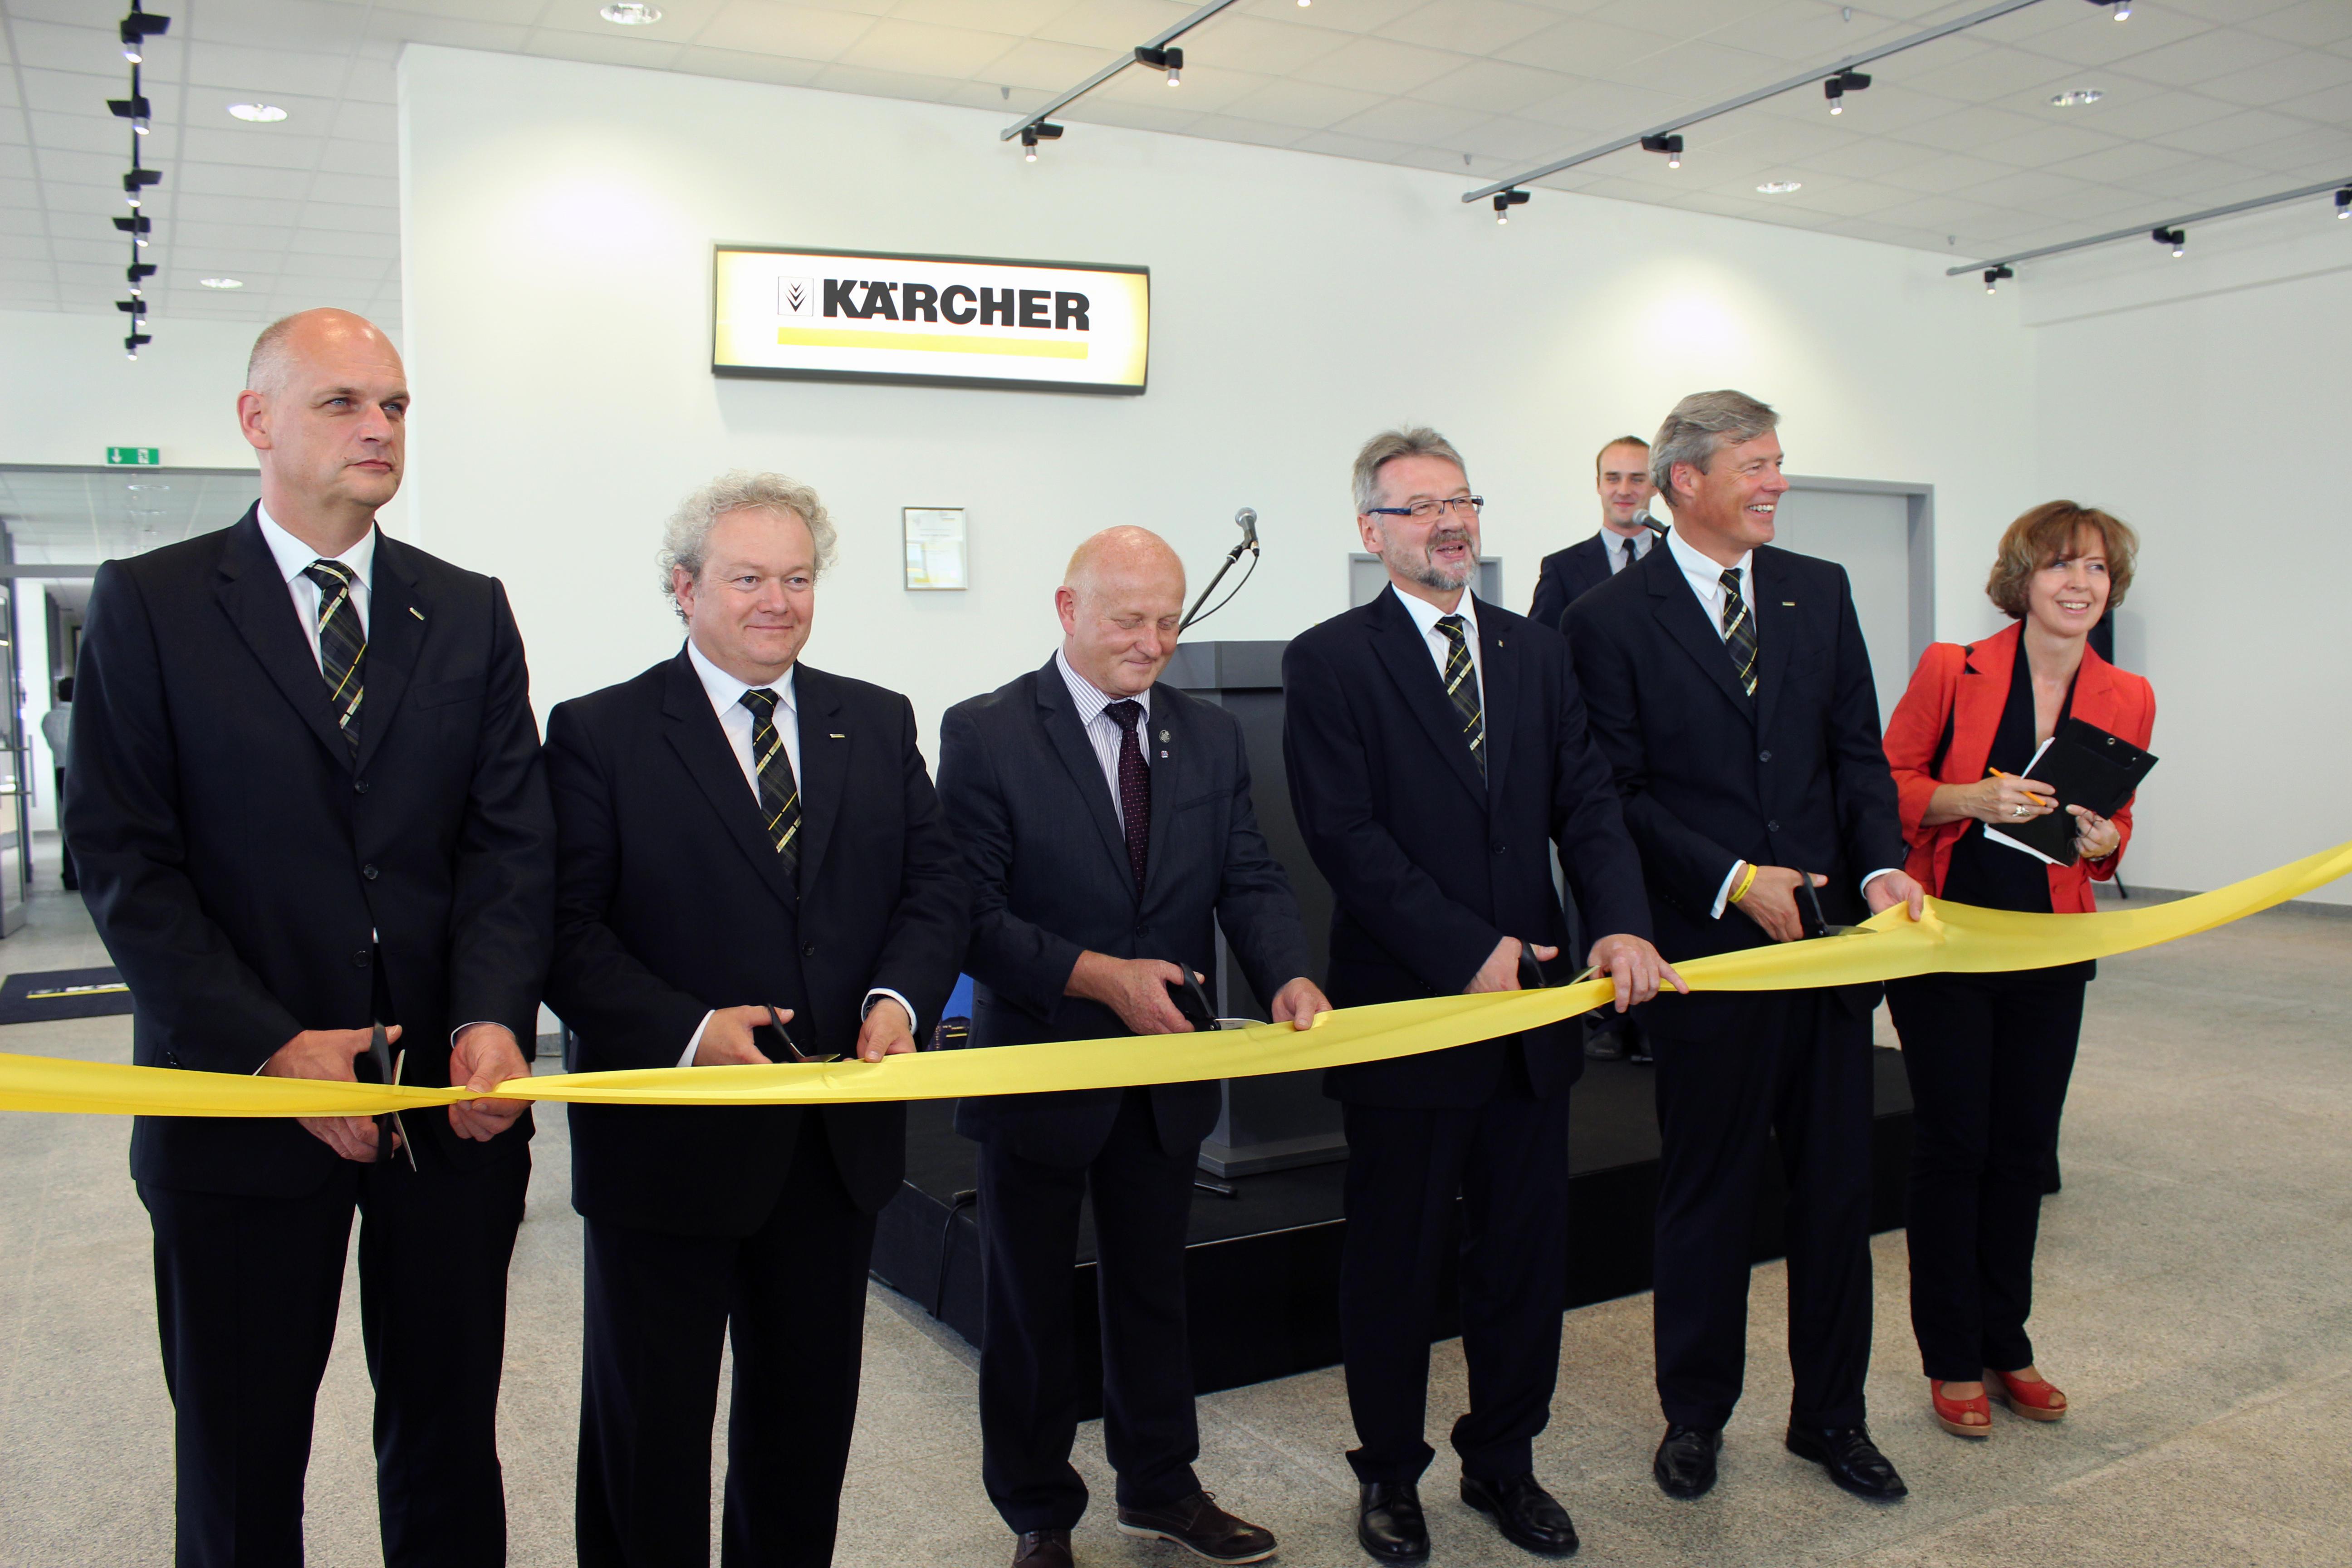 Uroczyste otwarcie nowej siedziby Kärcher w Krakowie